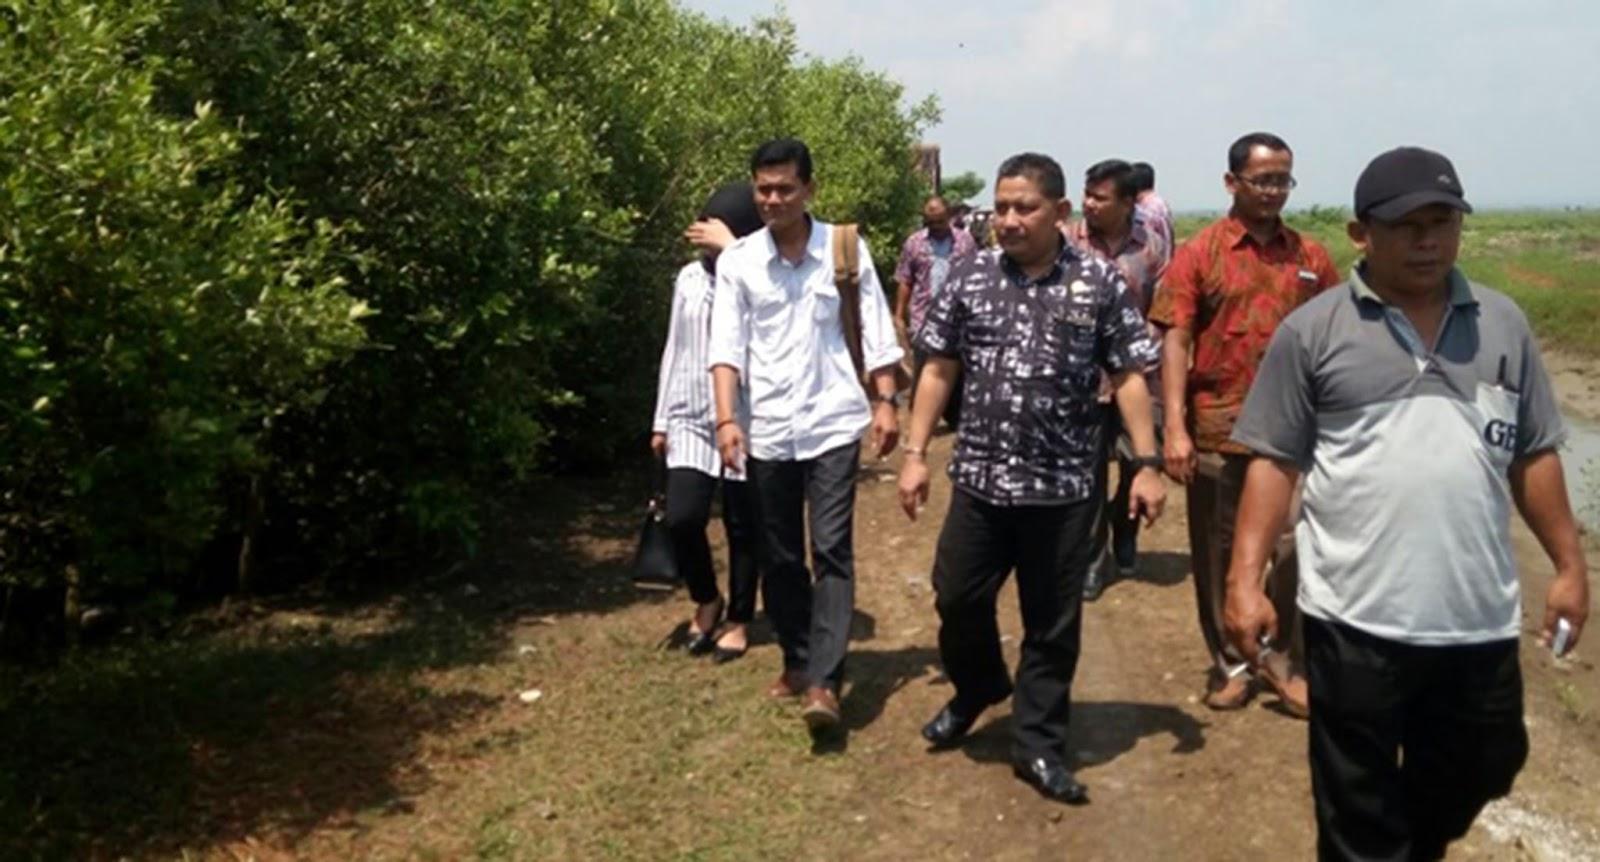 Menikmati Keindahan Hutan Bakau Pantai Sambilawang Desa Kabupaten Pati Memiliki